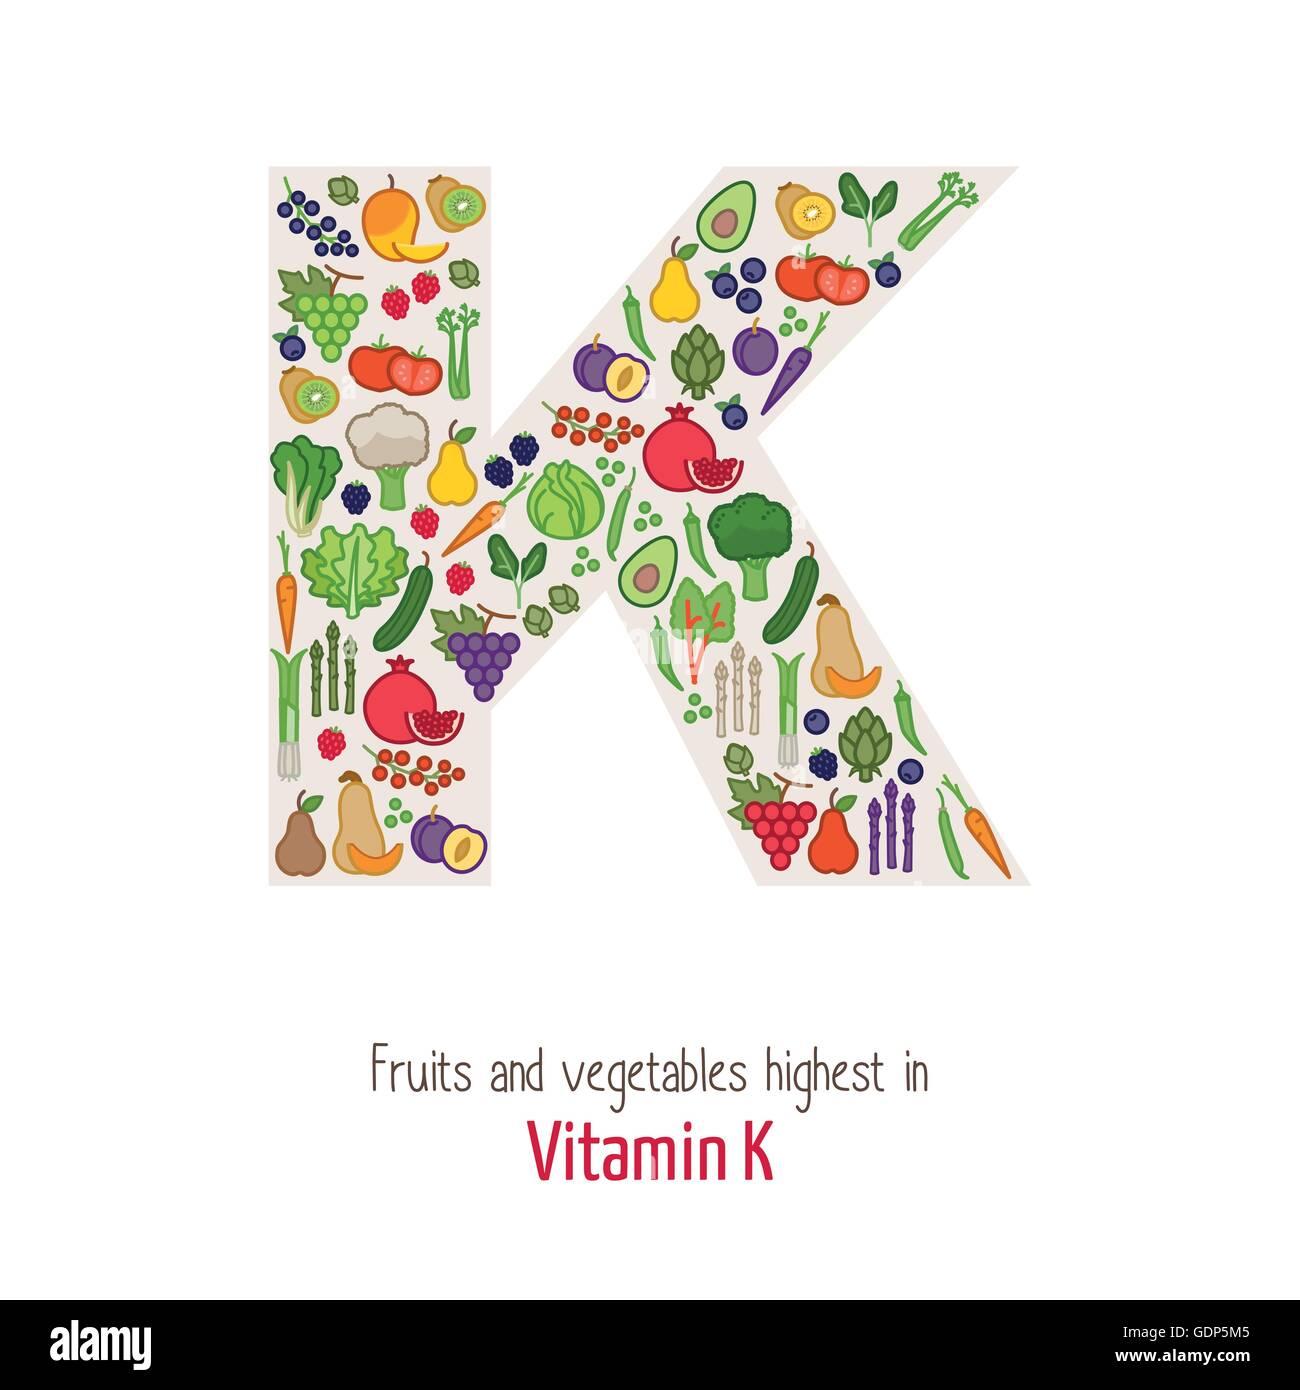 Obst Und Gemüse Höchsten Vitamin K K Brief Form Ernährung Und